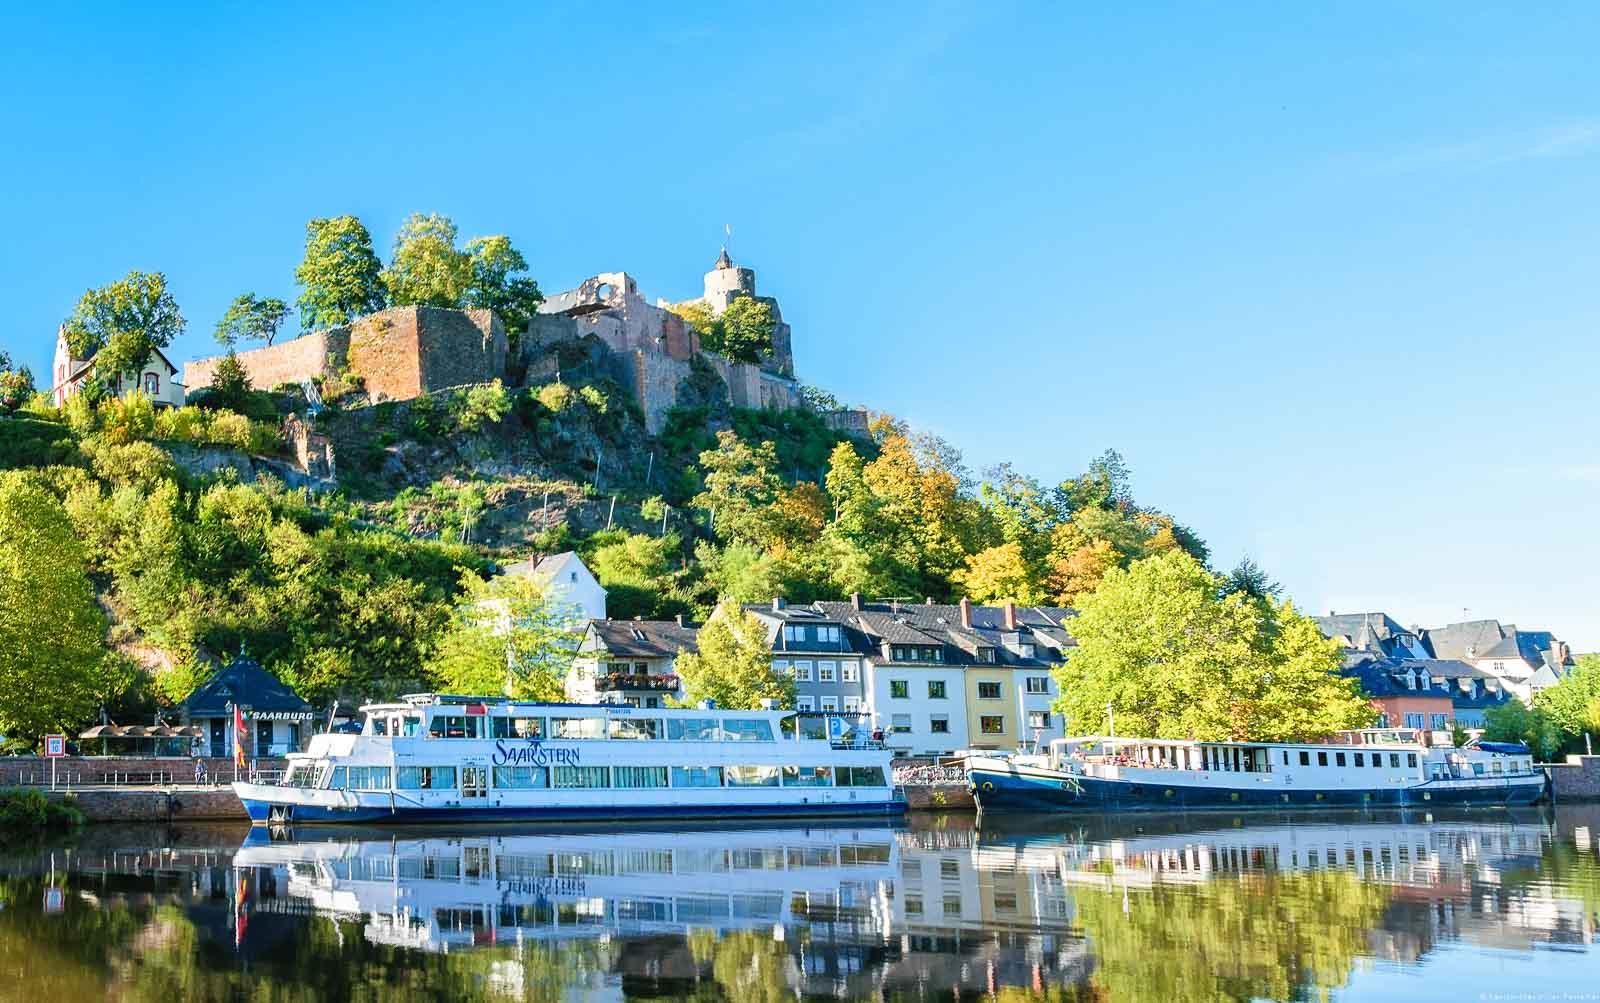 Vom Turm des Schlossberg kann man weite Teile des Saartals überblicken